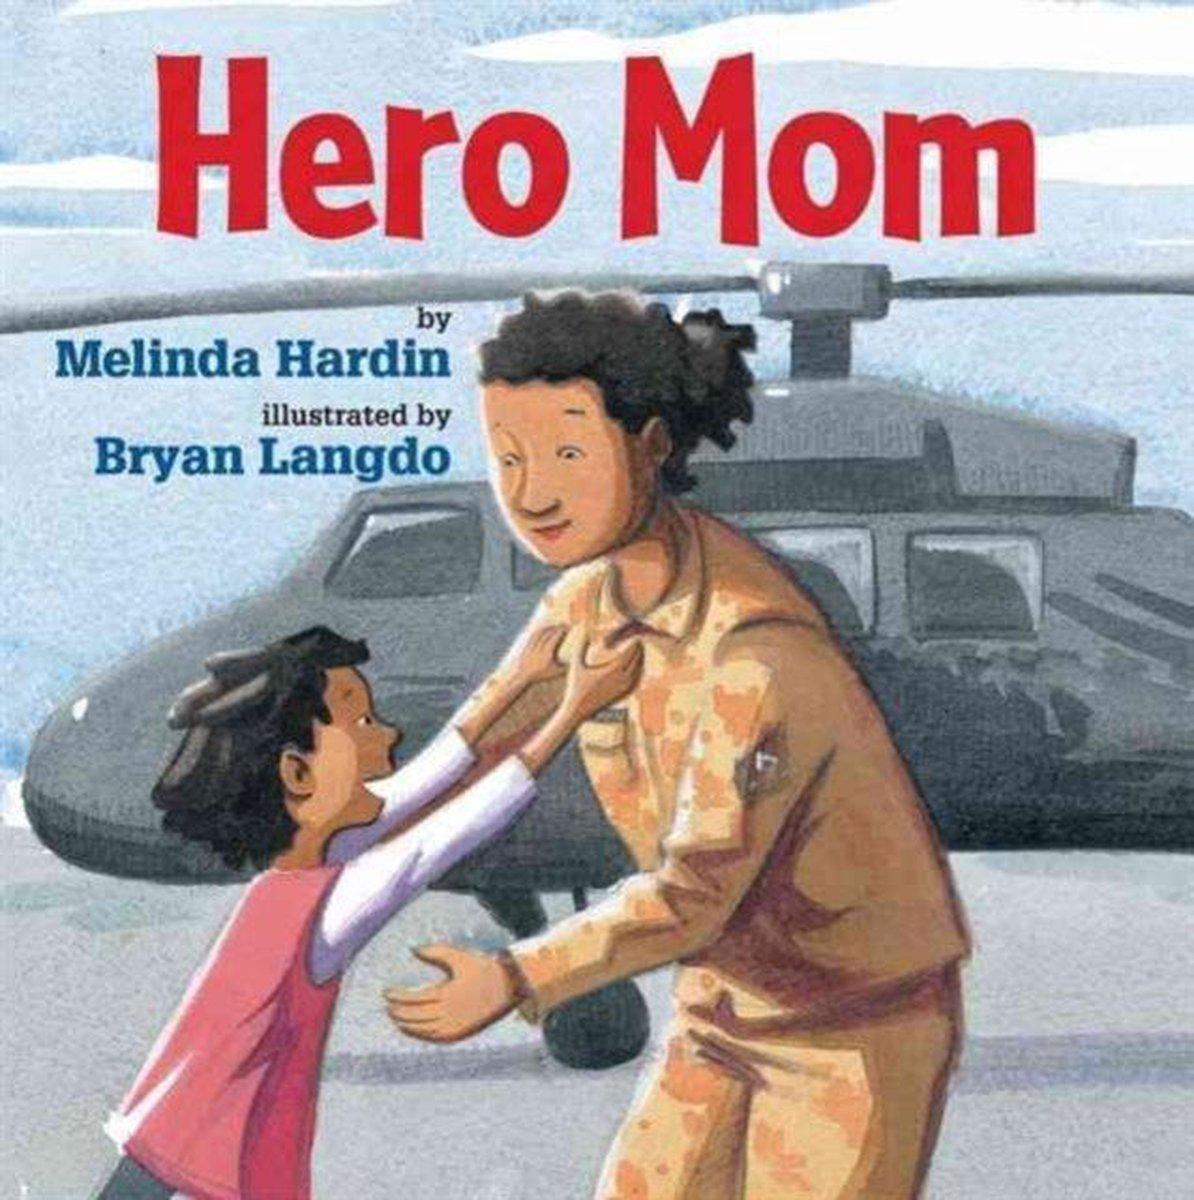 Hero Mom by Melinda Hardin